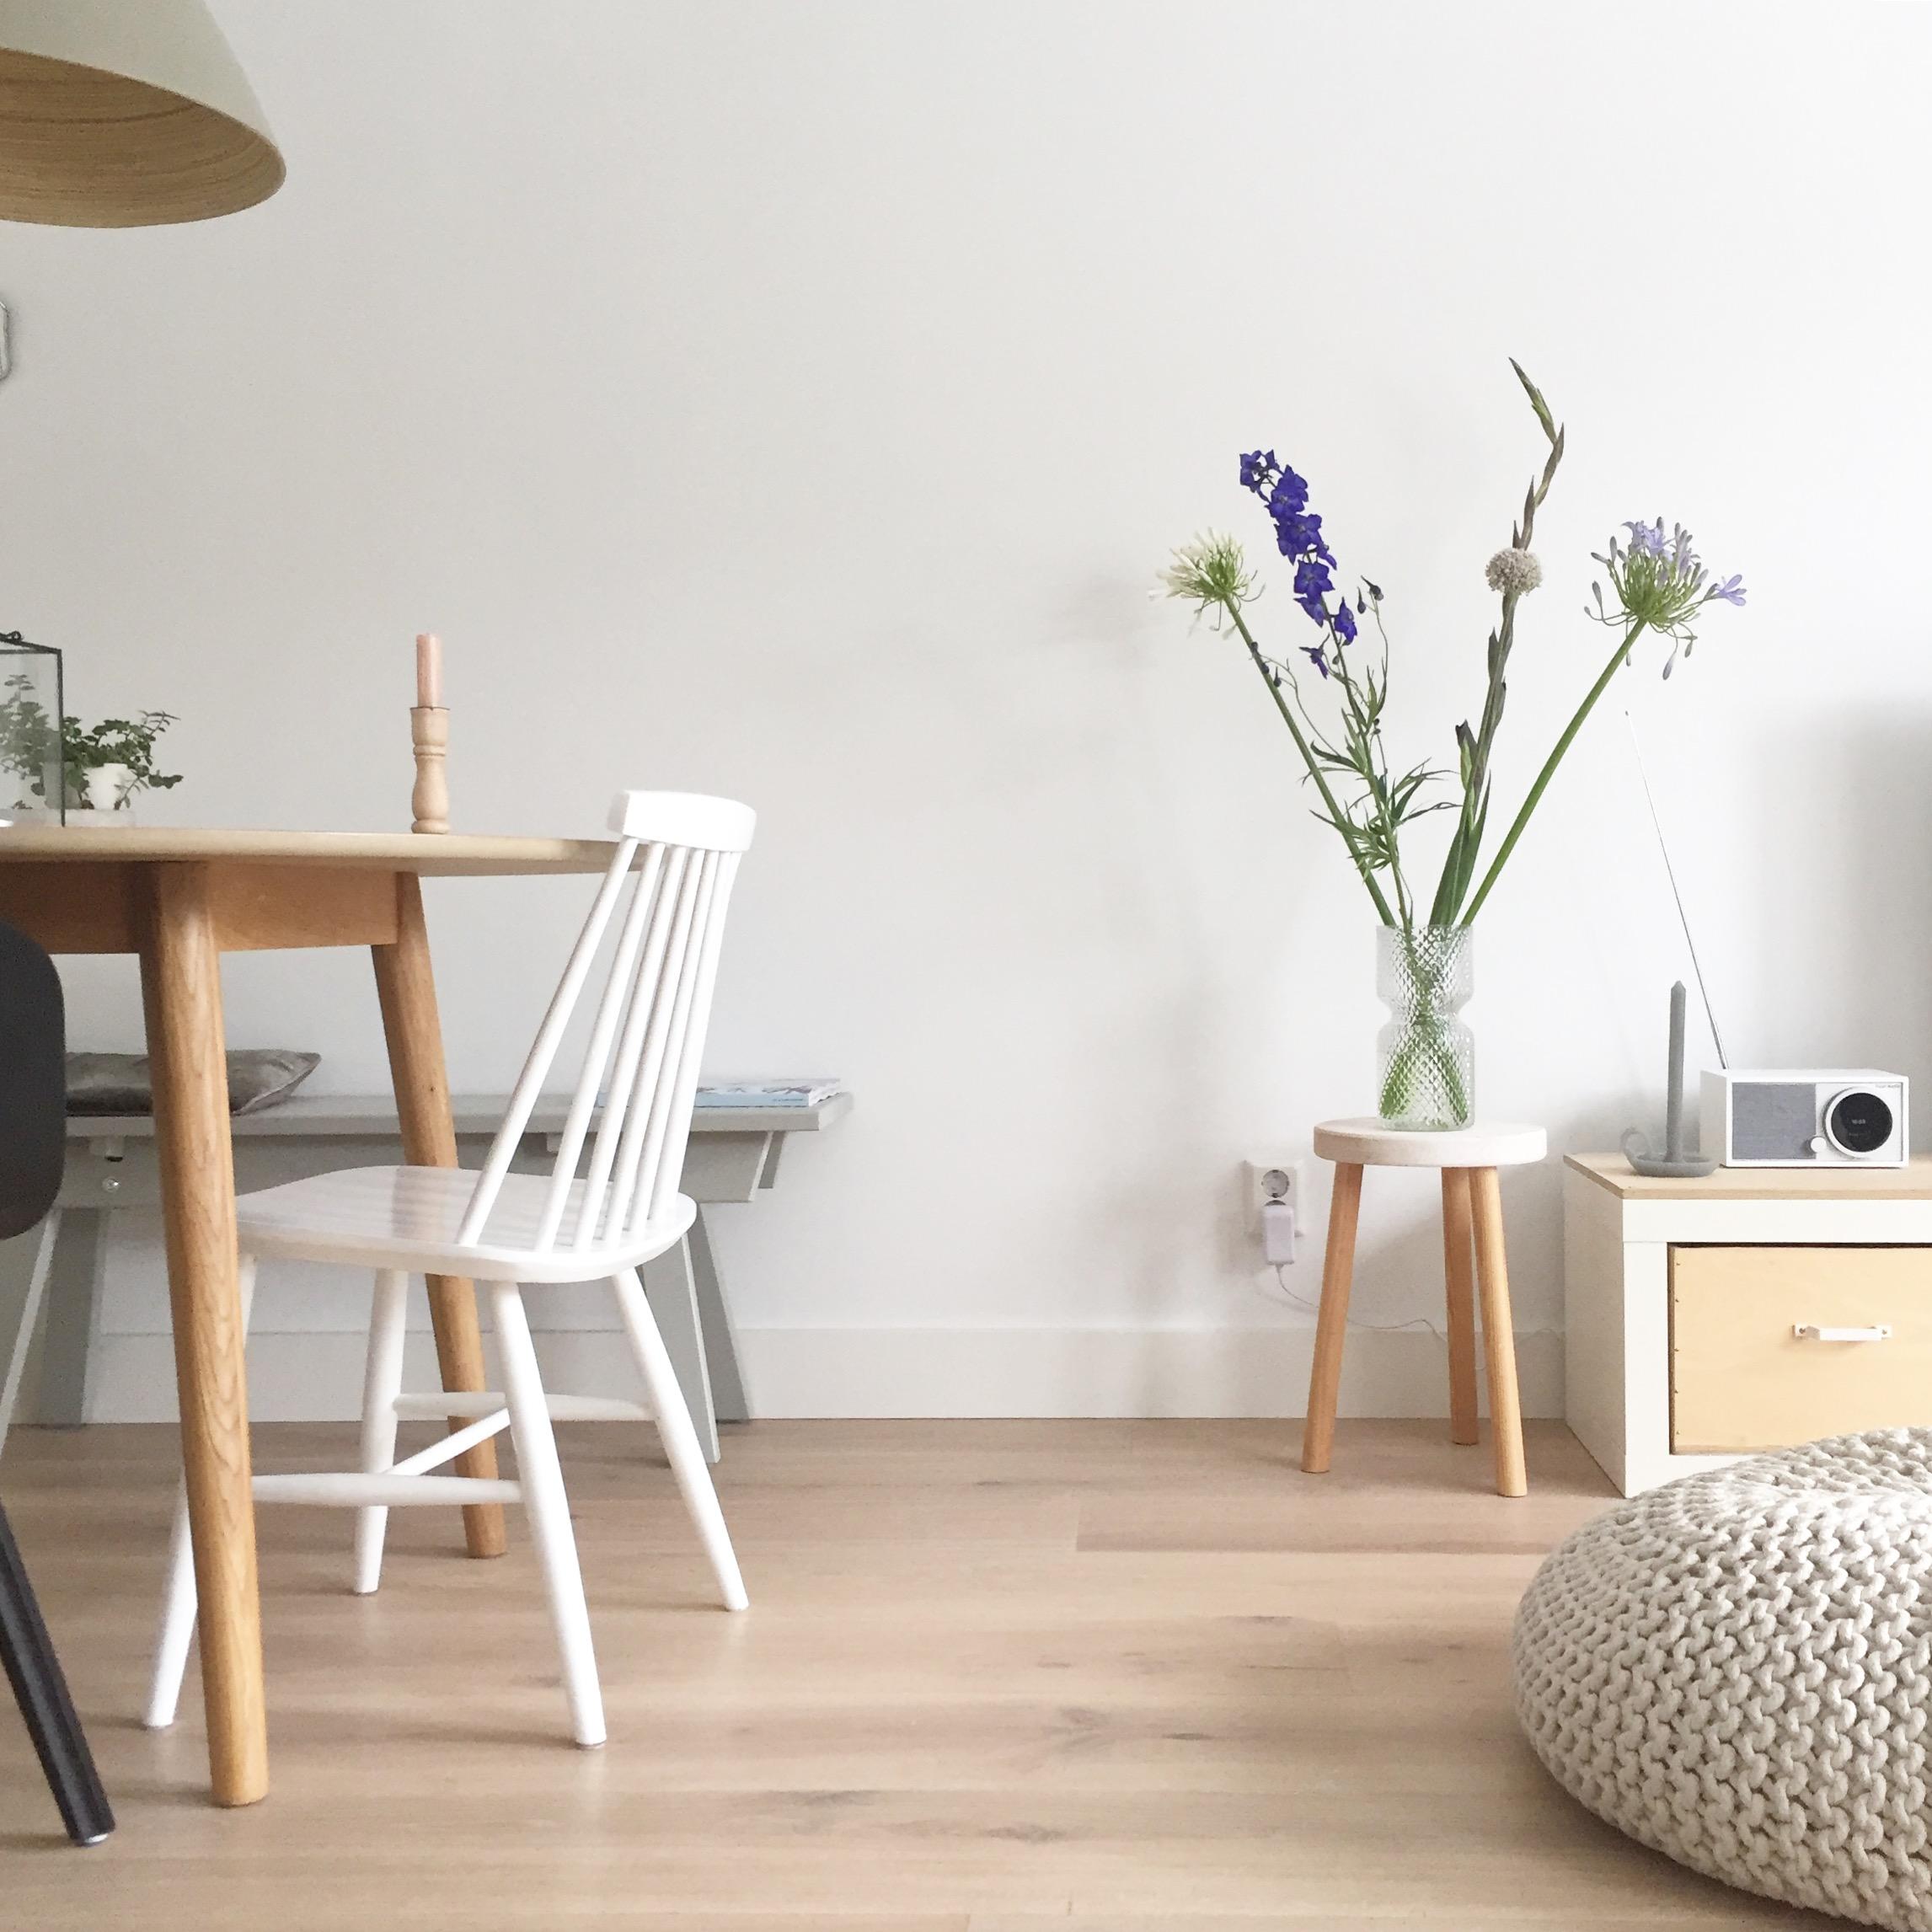 3x de belangrijkste houten vloeren trends van 2018